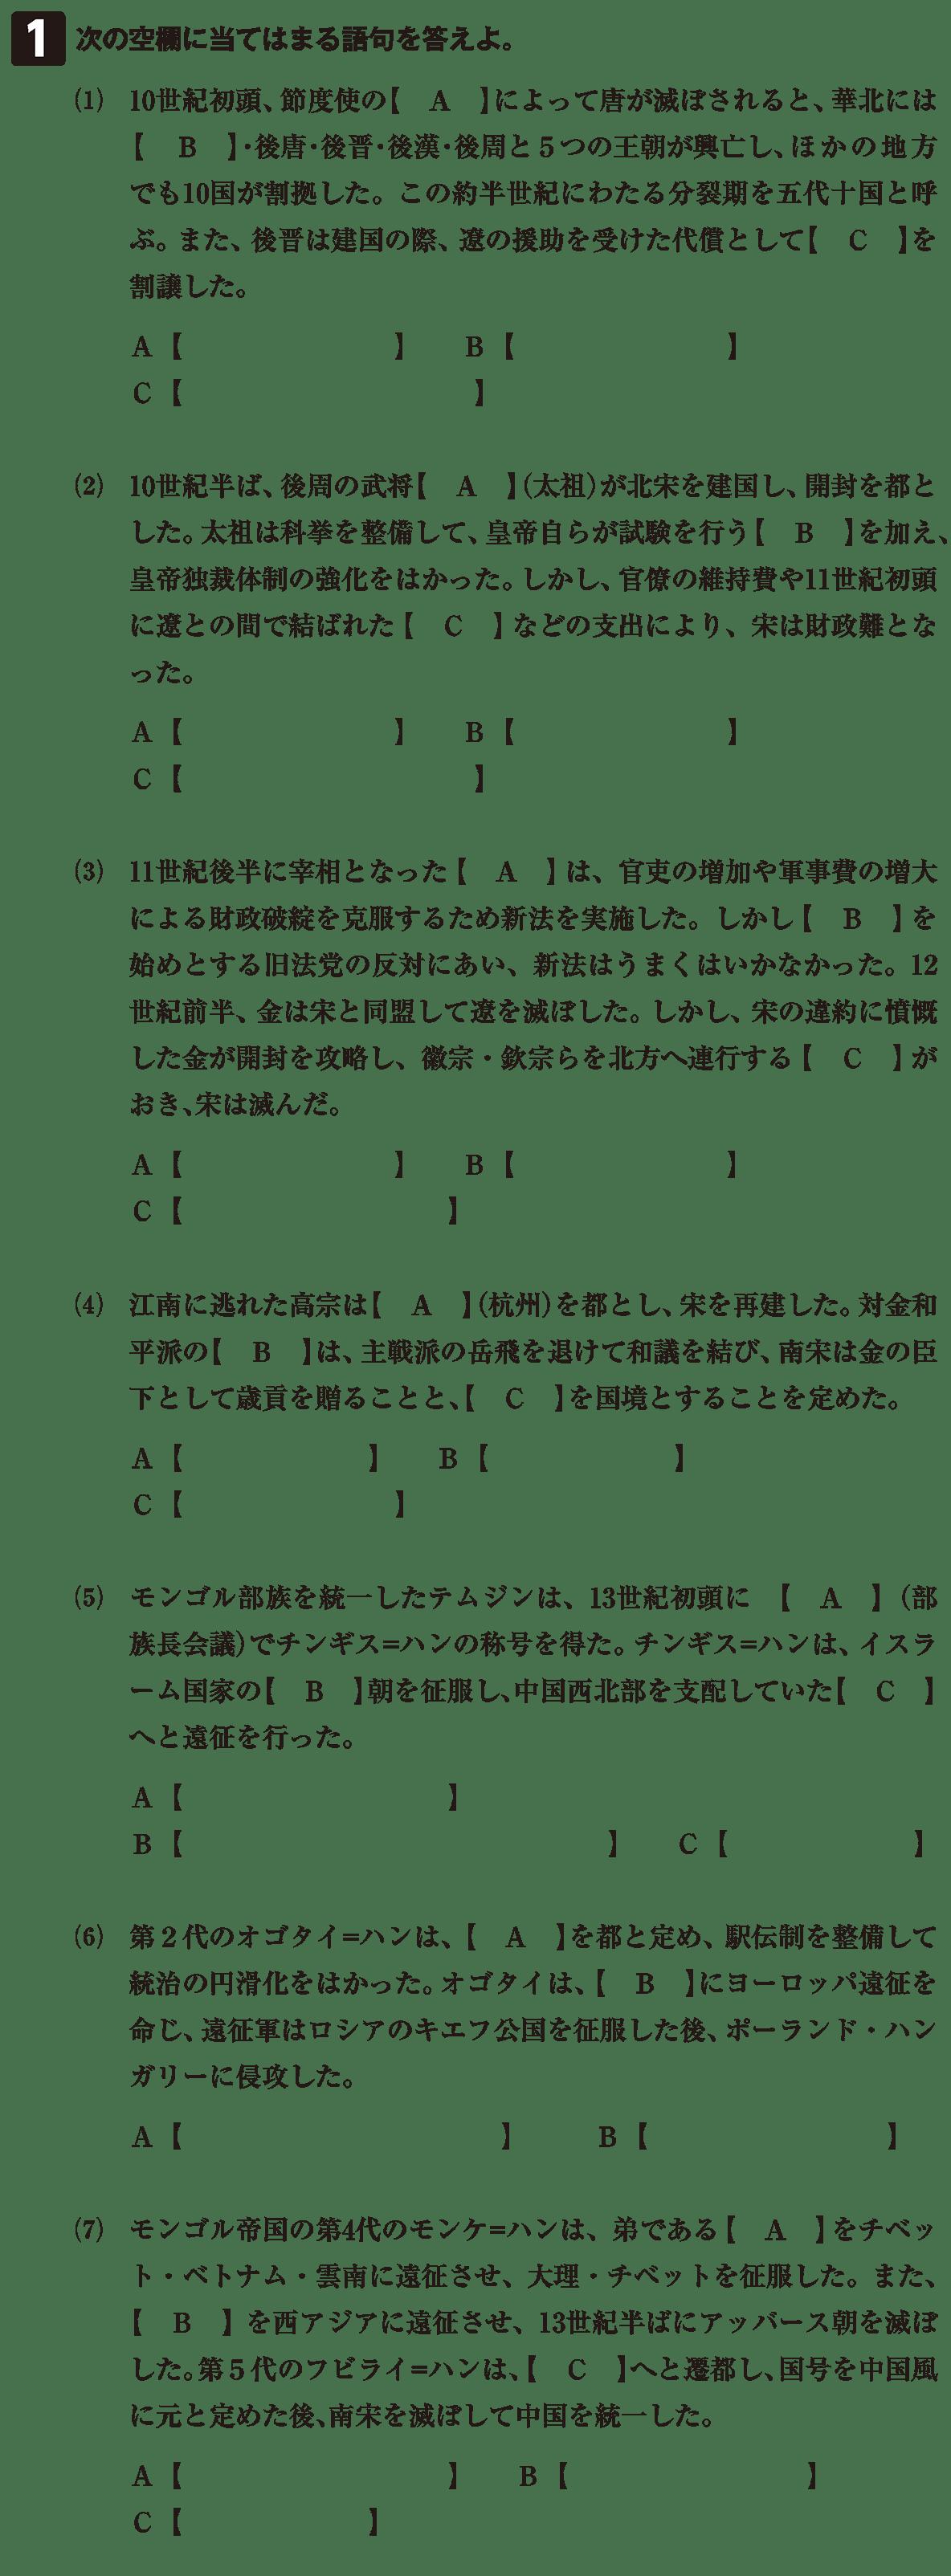 高校世界史 東アジア世界の展開7 確認テスト(前半)